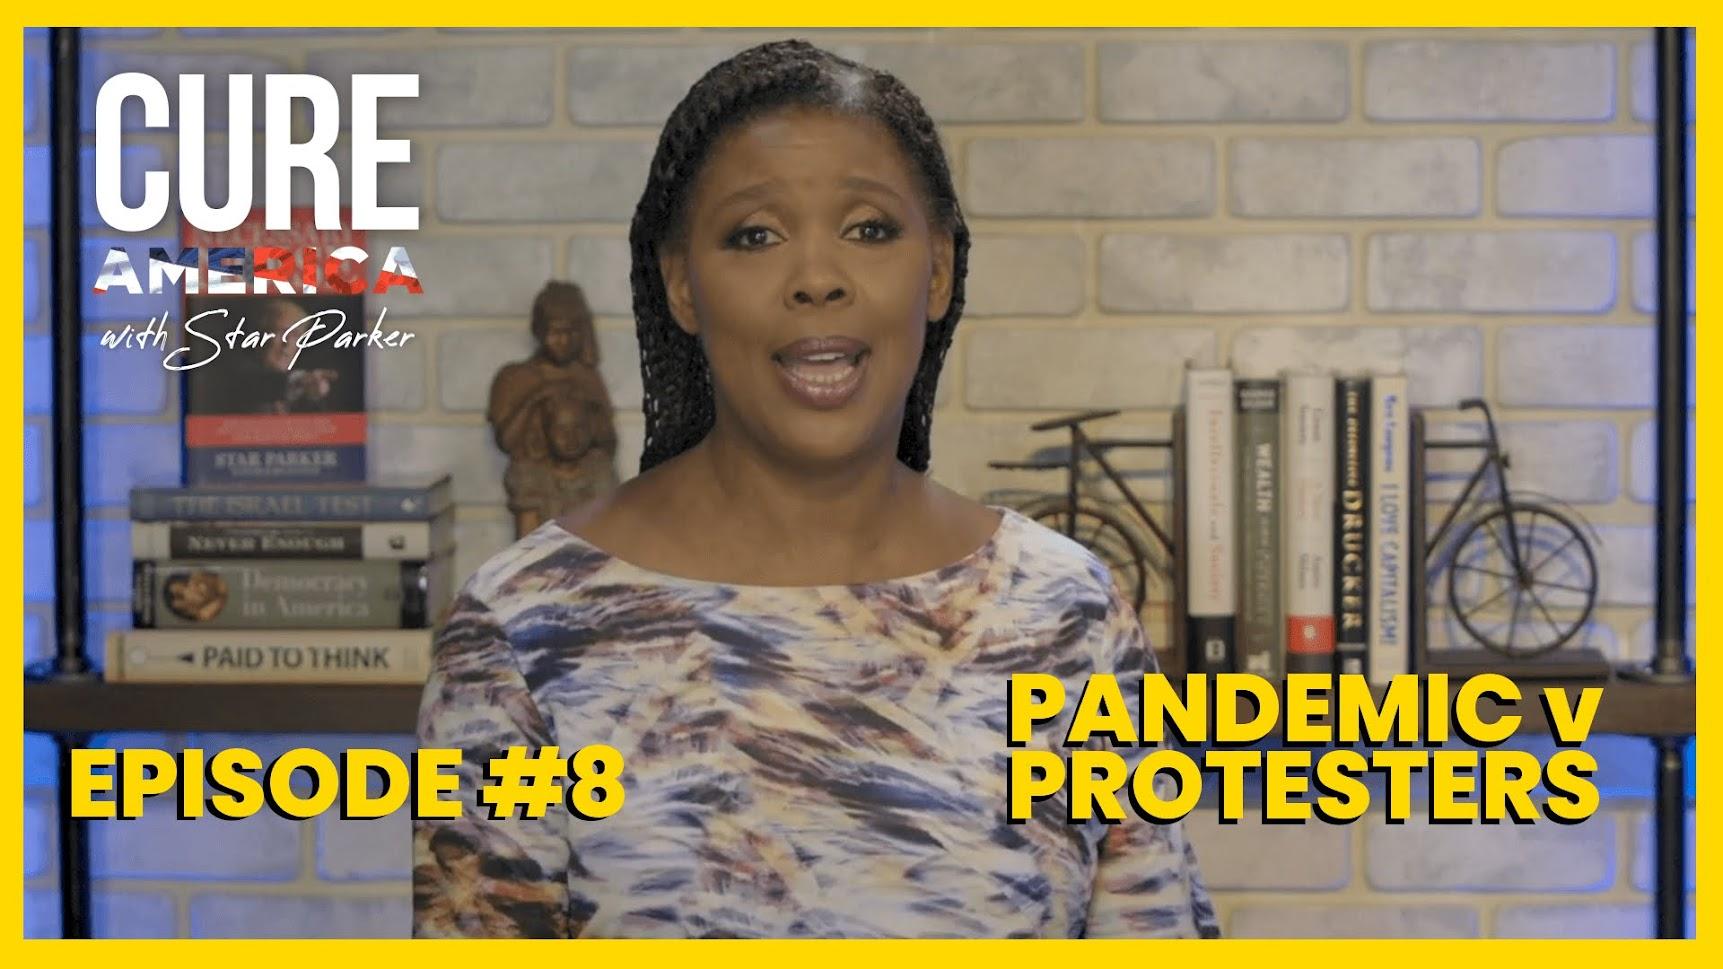 Pandemic v Protesters